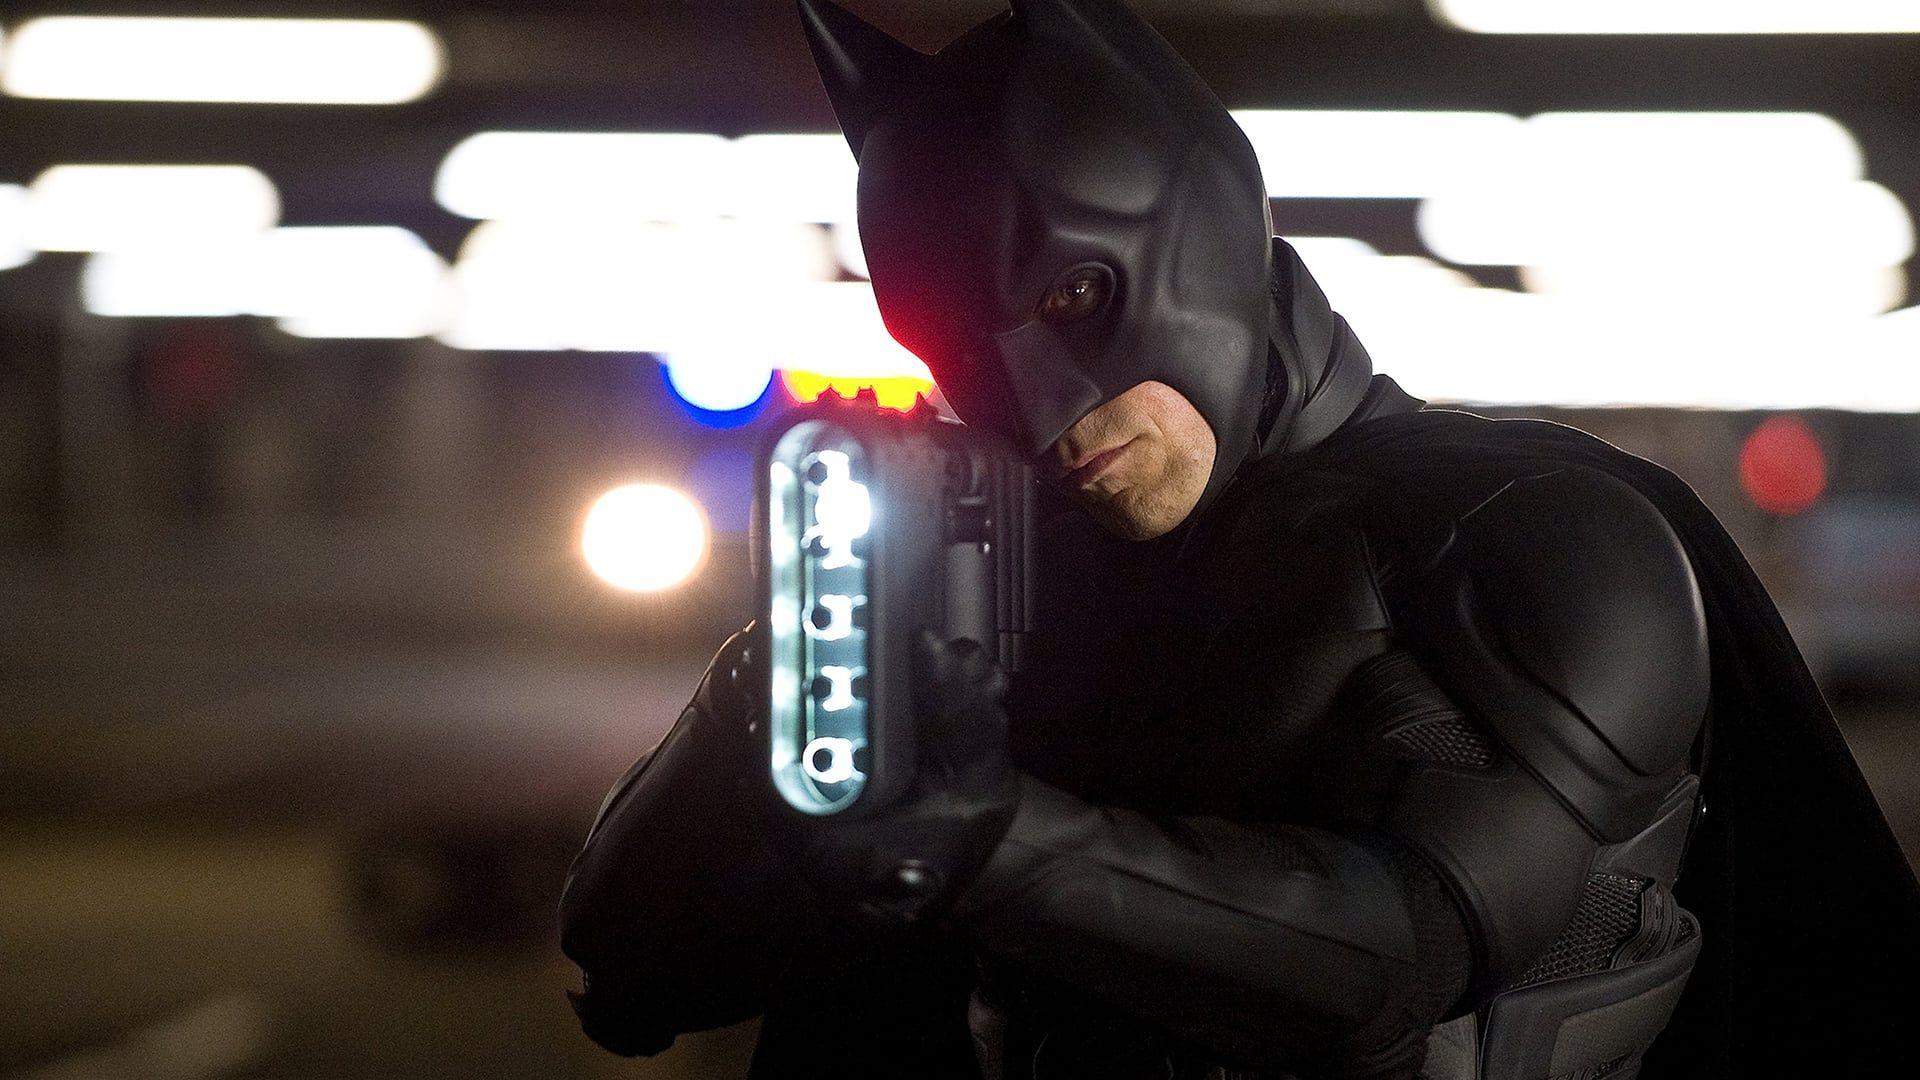 A Sotet Lovag Felemelkedes 2012 Online Teljes Film Filmek Magyarul Letoltes Hd Nyolc Ev Telt El Azota Hogy Egy Batman The Dark Knight Dark Knight Gotham City